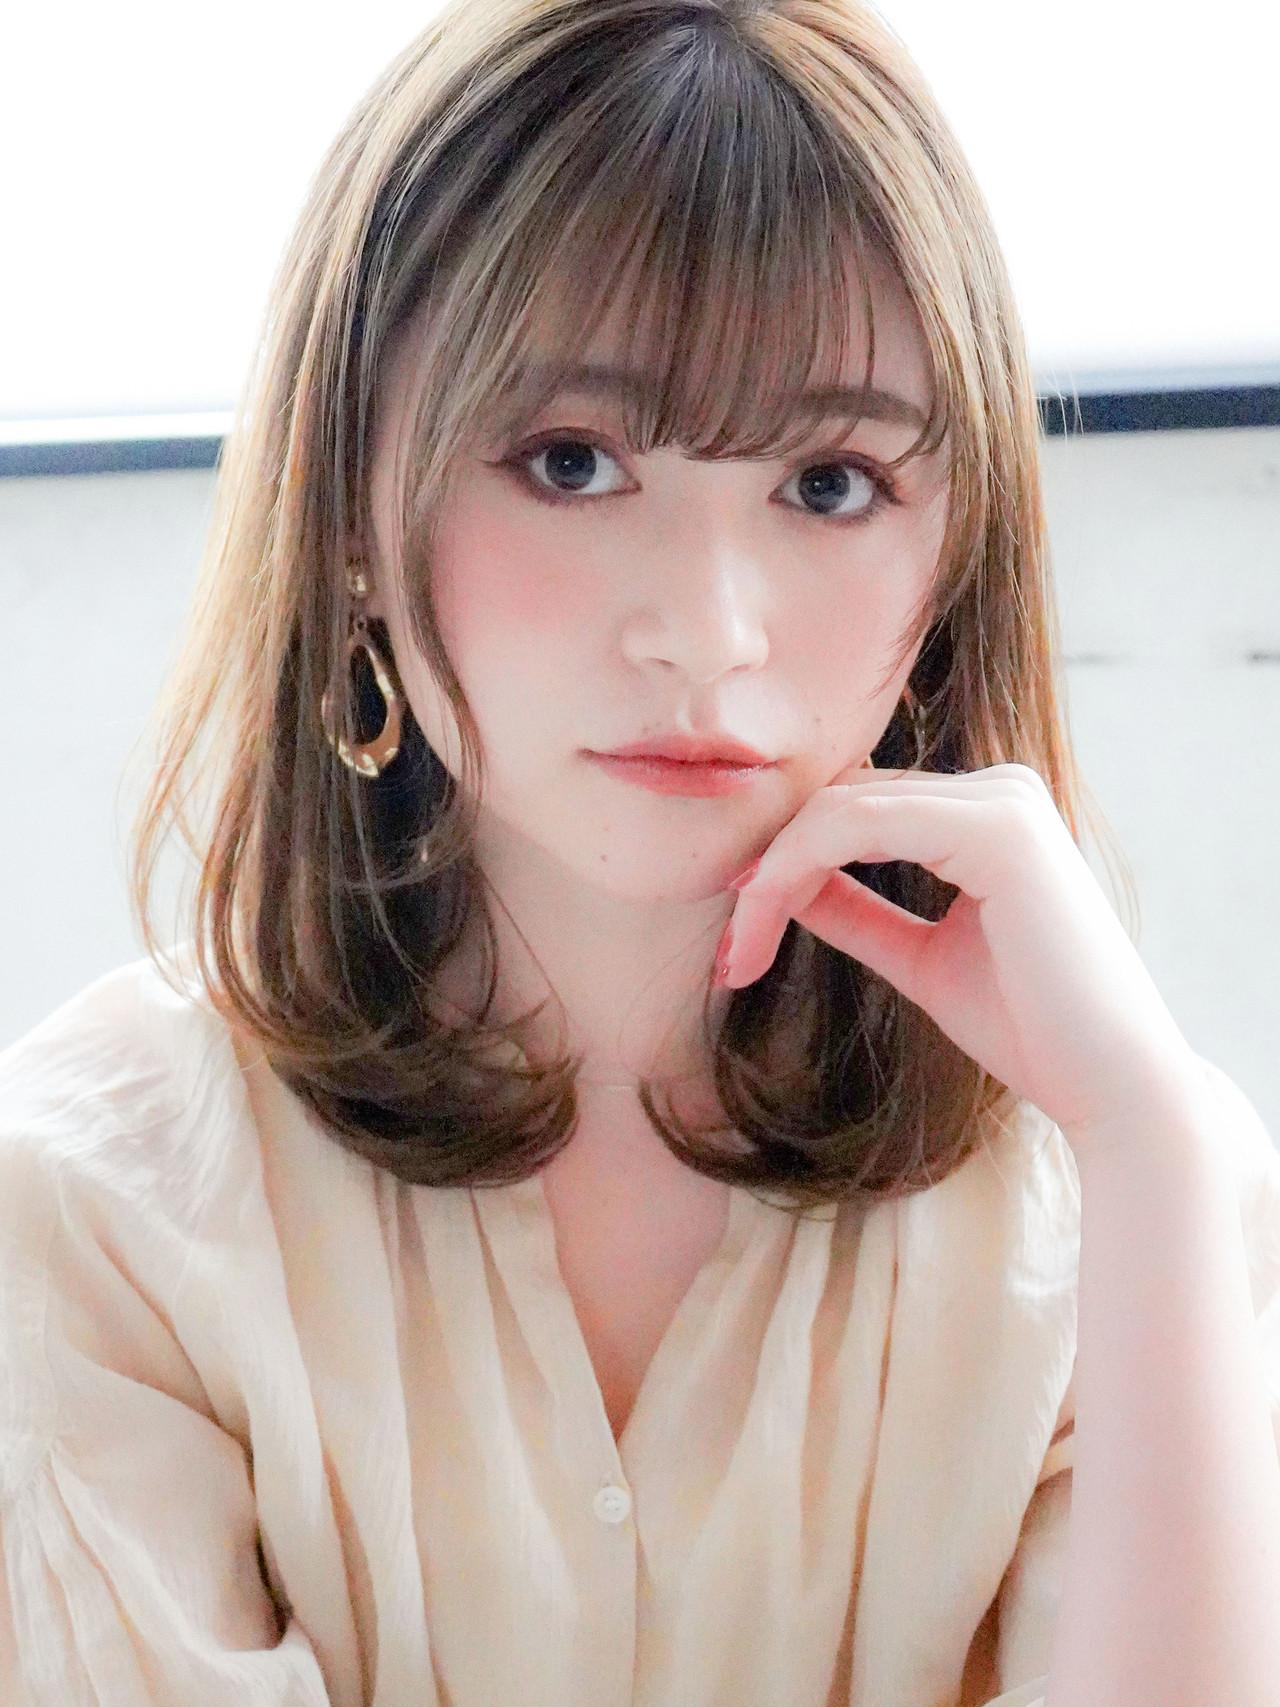 ミディアム ワンカール シースルーバング フェミニン ヘアスタイルや髪型の写真・画像